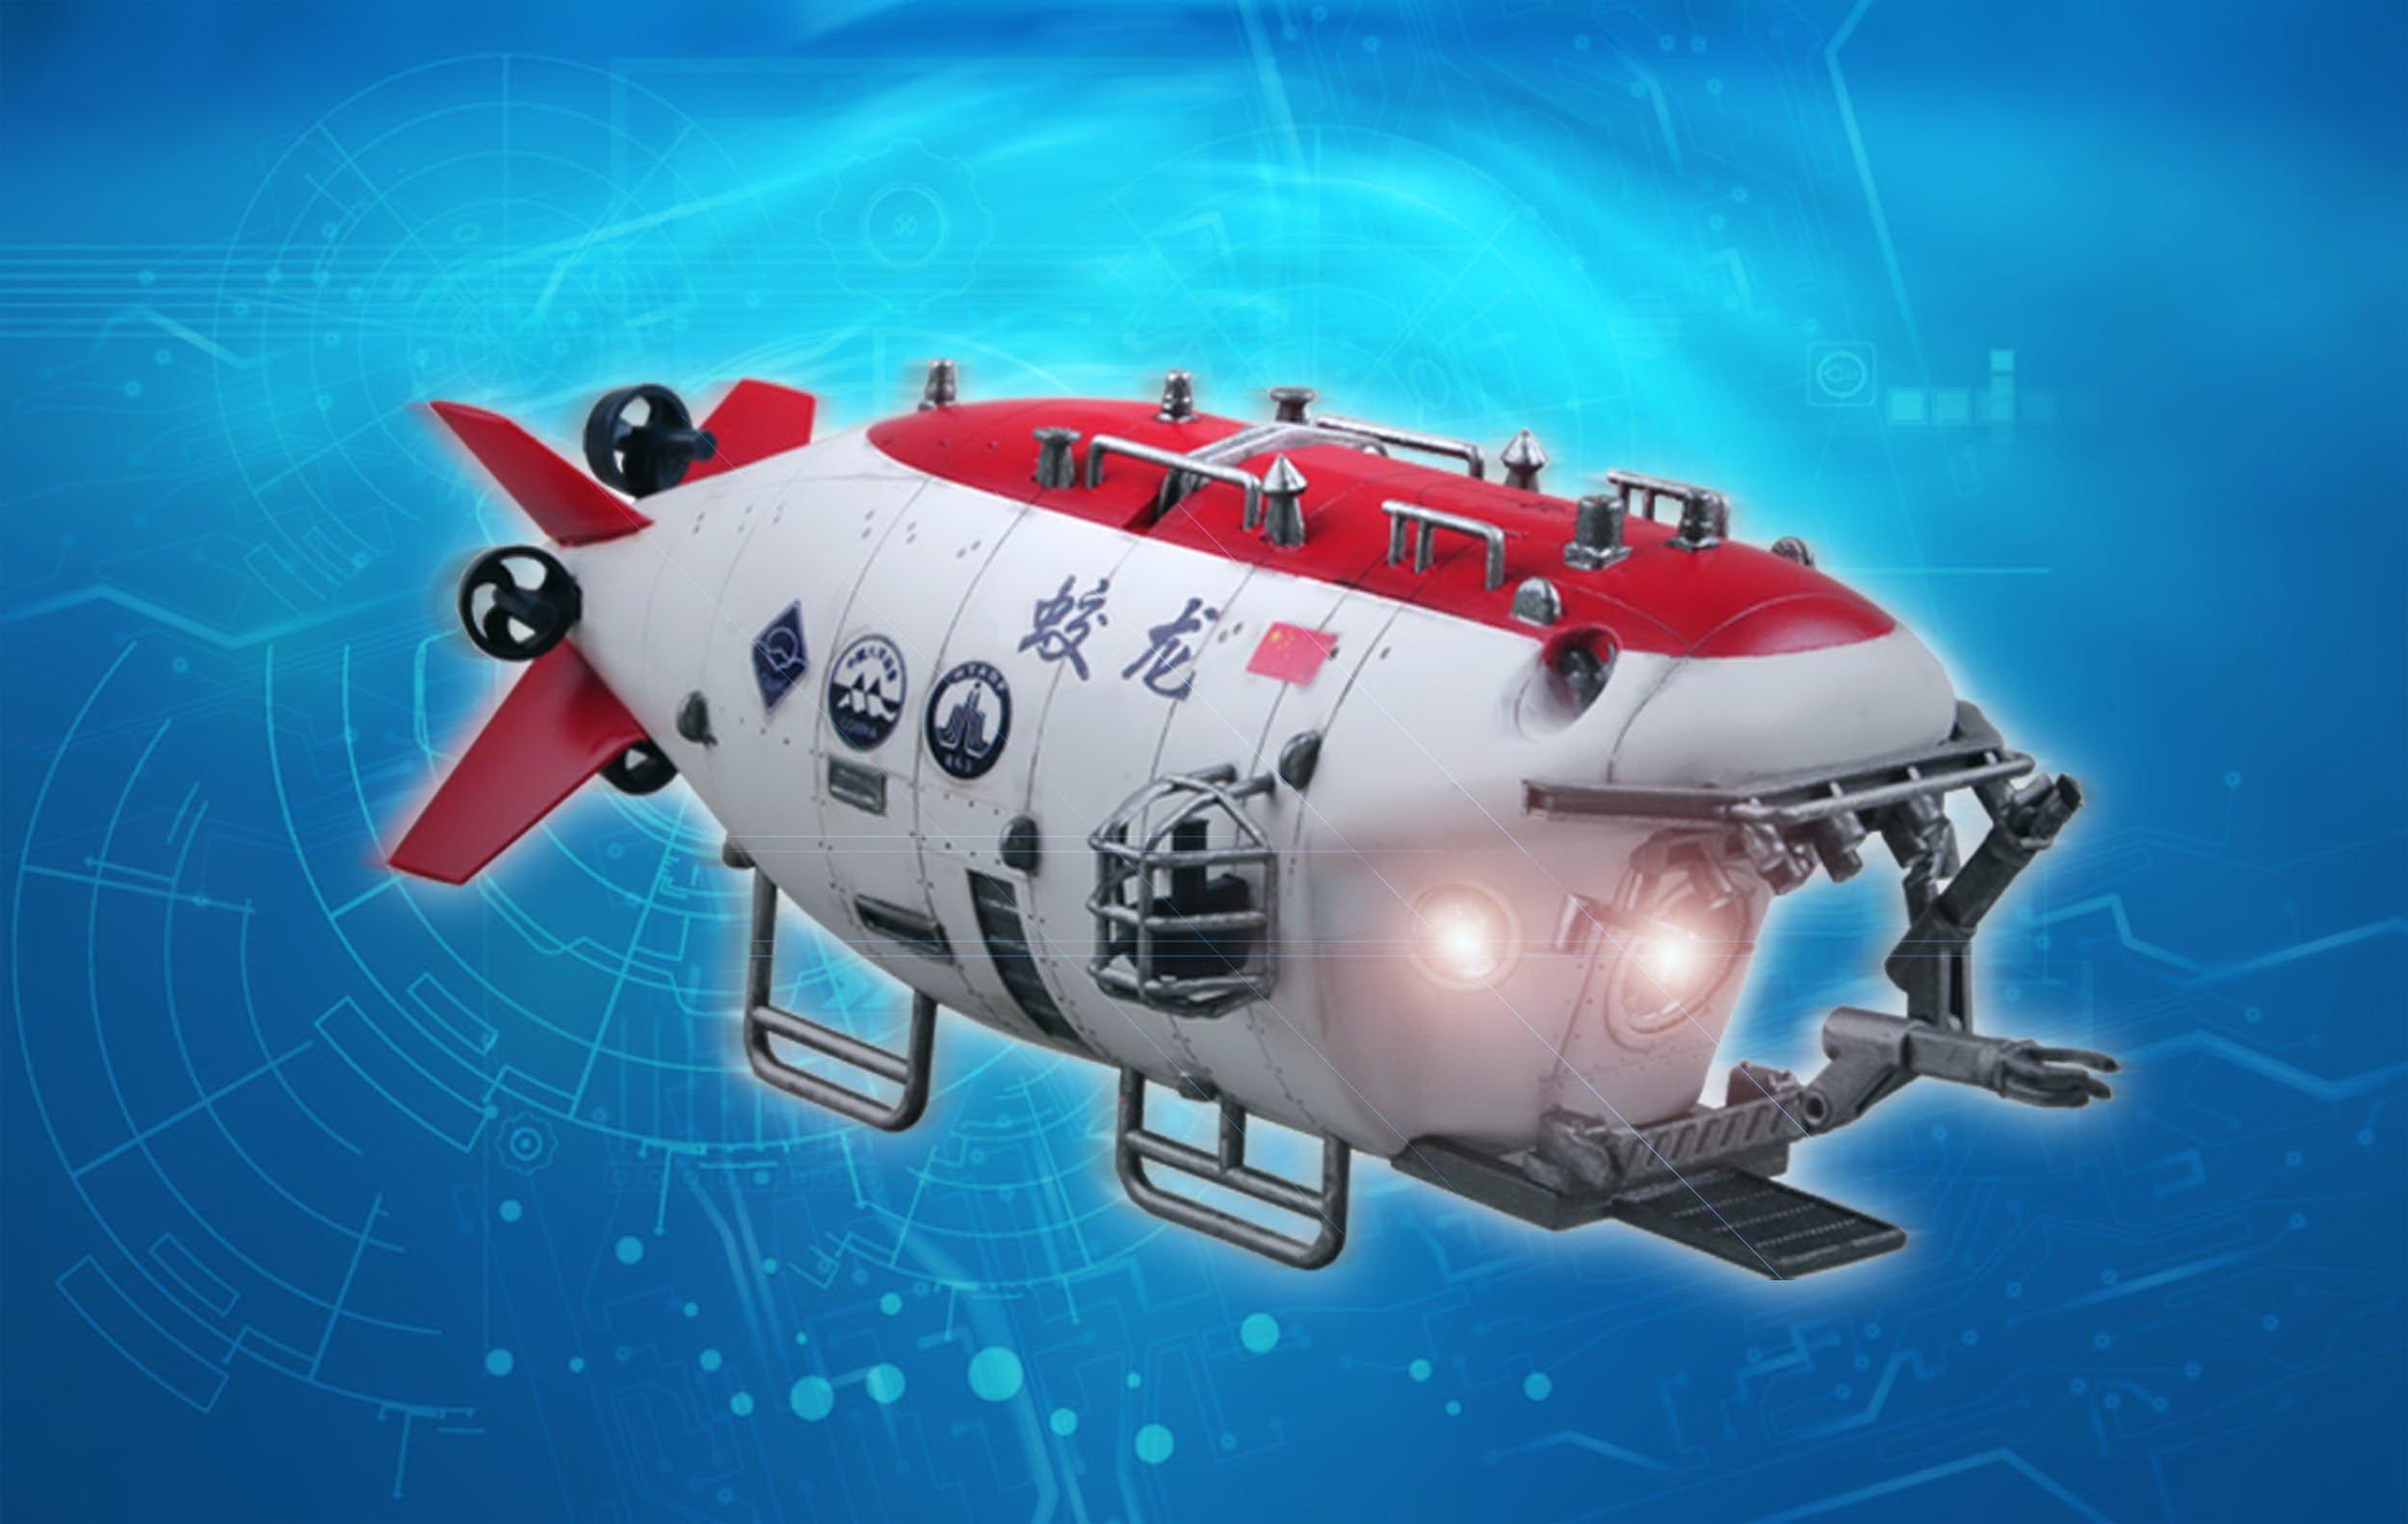 TRUMPETER 小號手 1/72 中國蛟龍號載人潛水器 (07303)